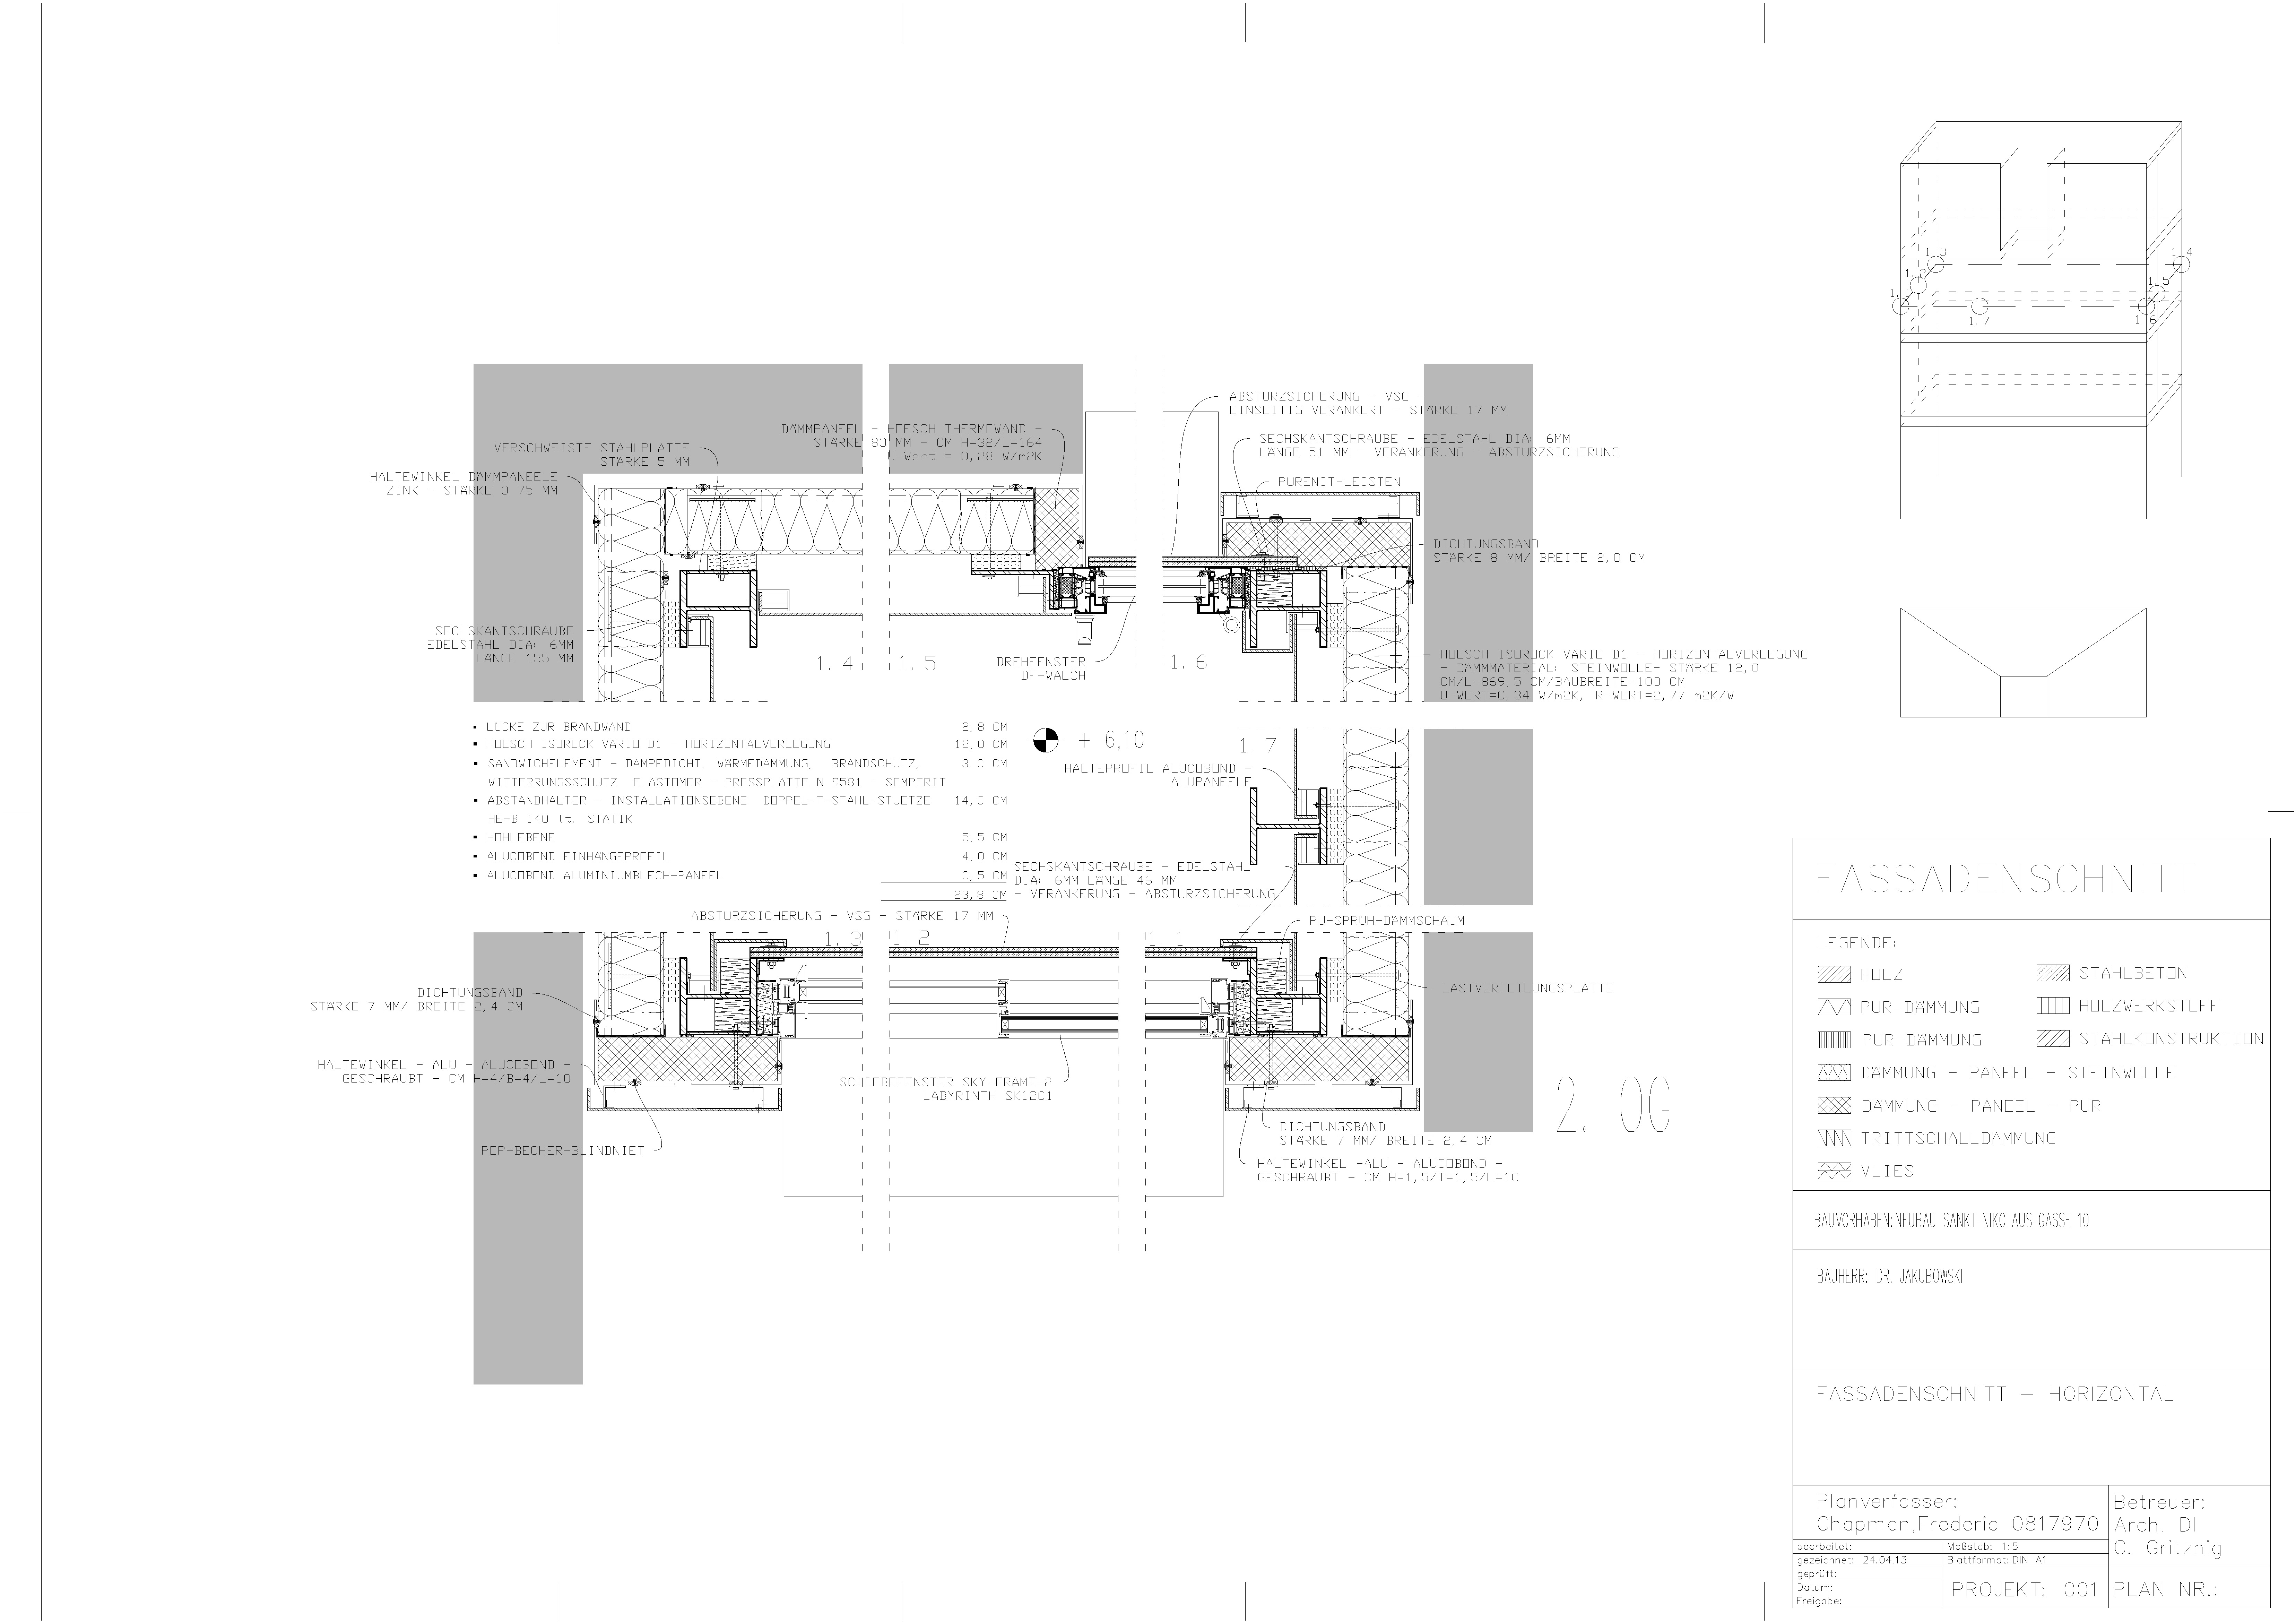 Detailplanung – Horizontalschnitt